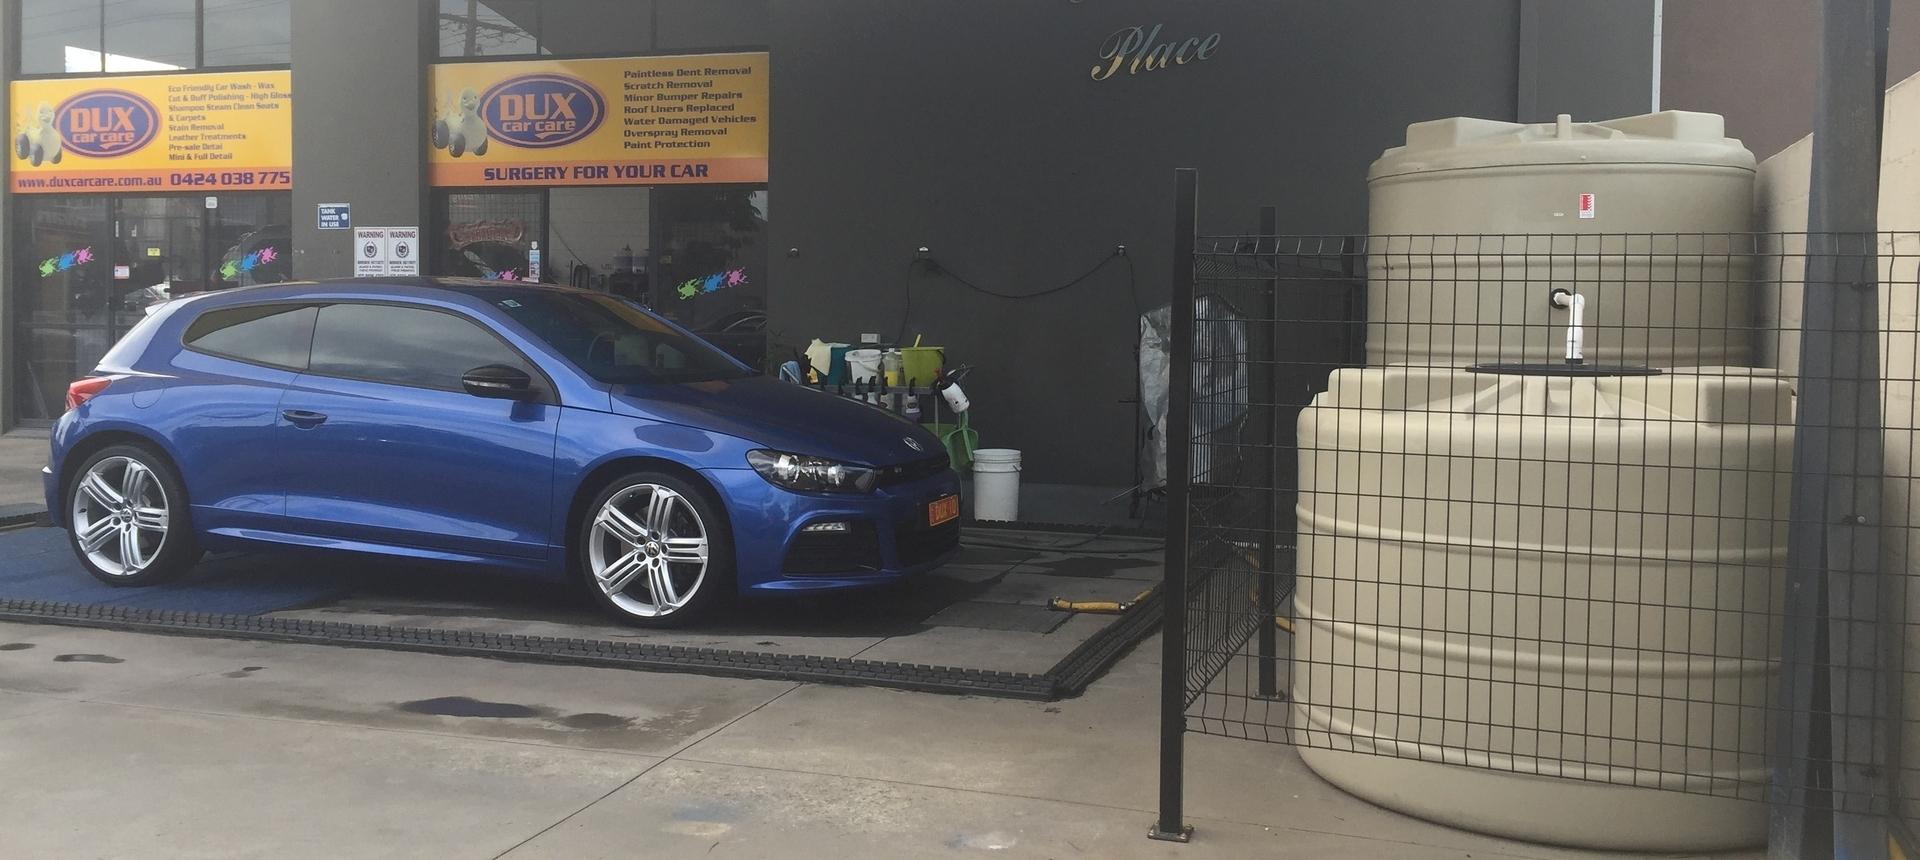 Car Wash2016-05-17 14.00.10.jpg